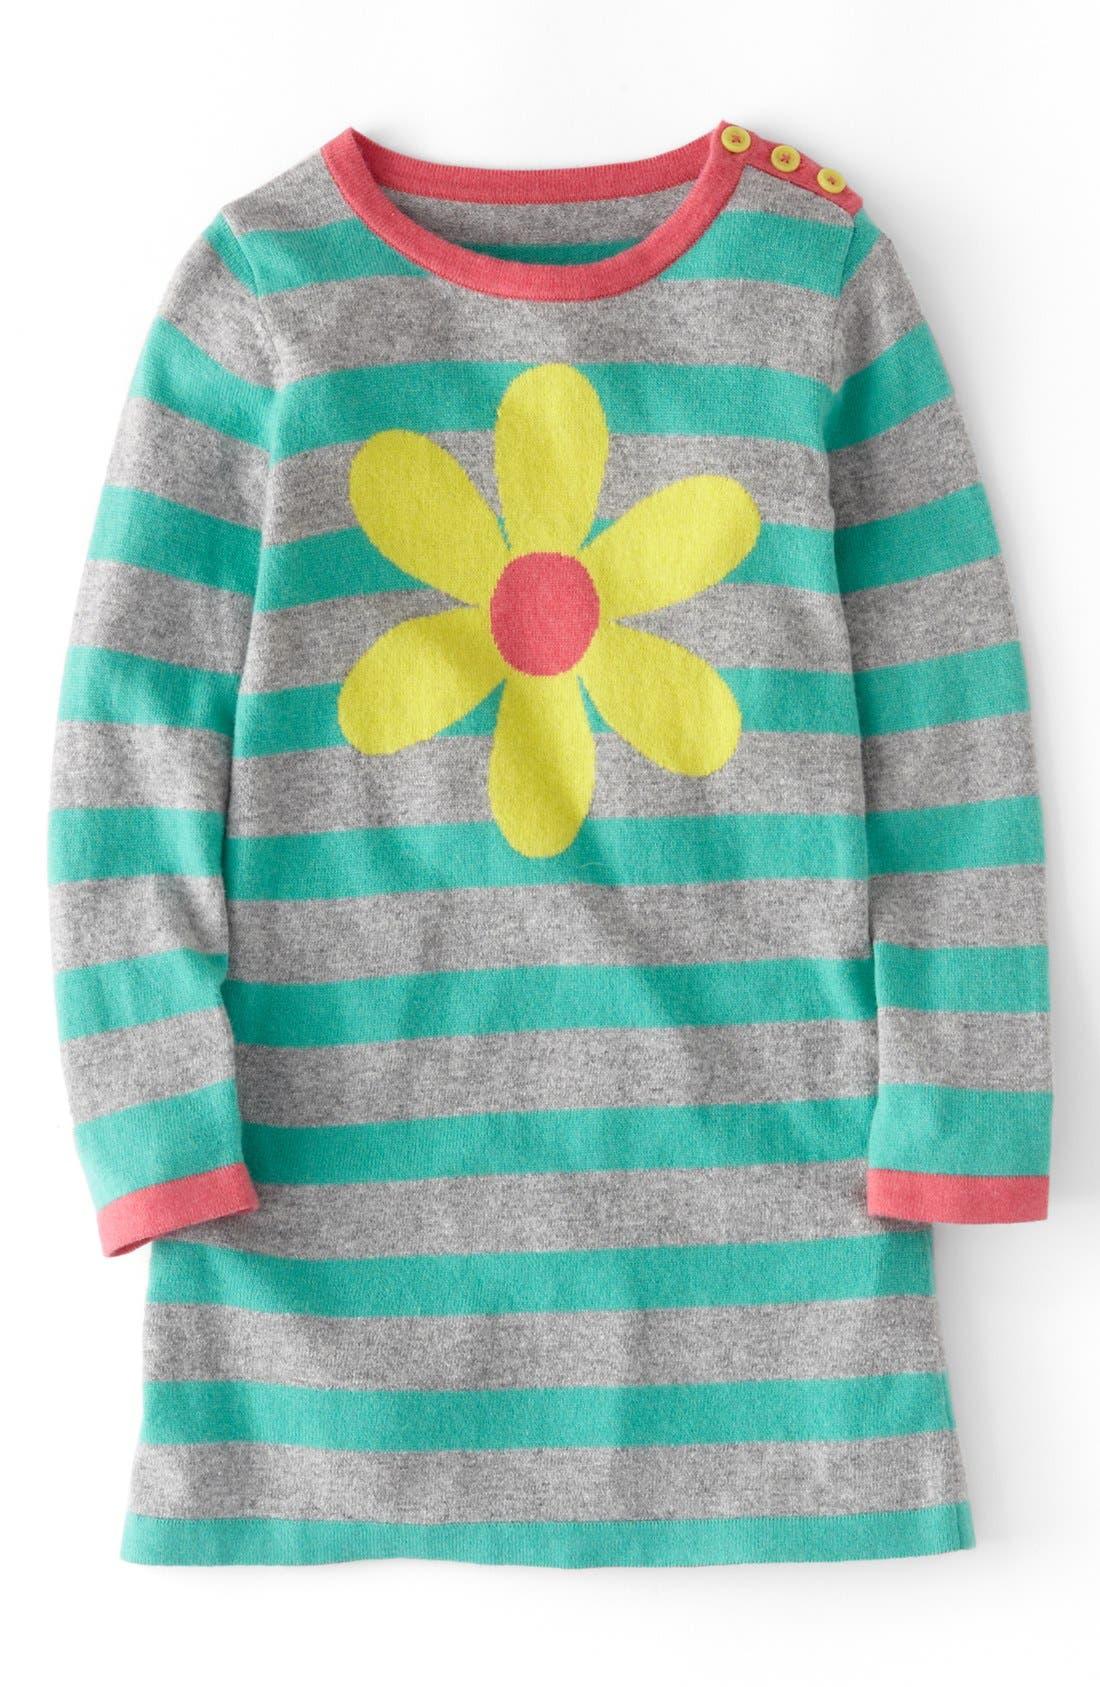 Alternate Image 1 Selected - Mini Boden Stripy Knit Dress (Toddler Girls, Little Girls & Big Girls)